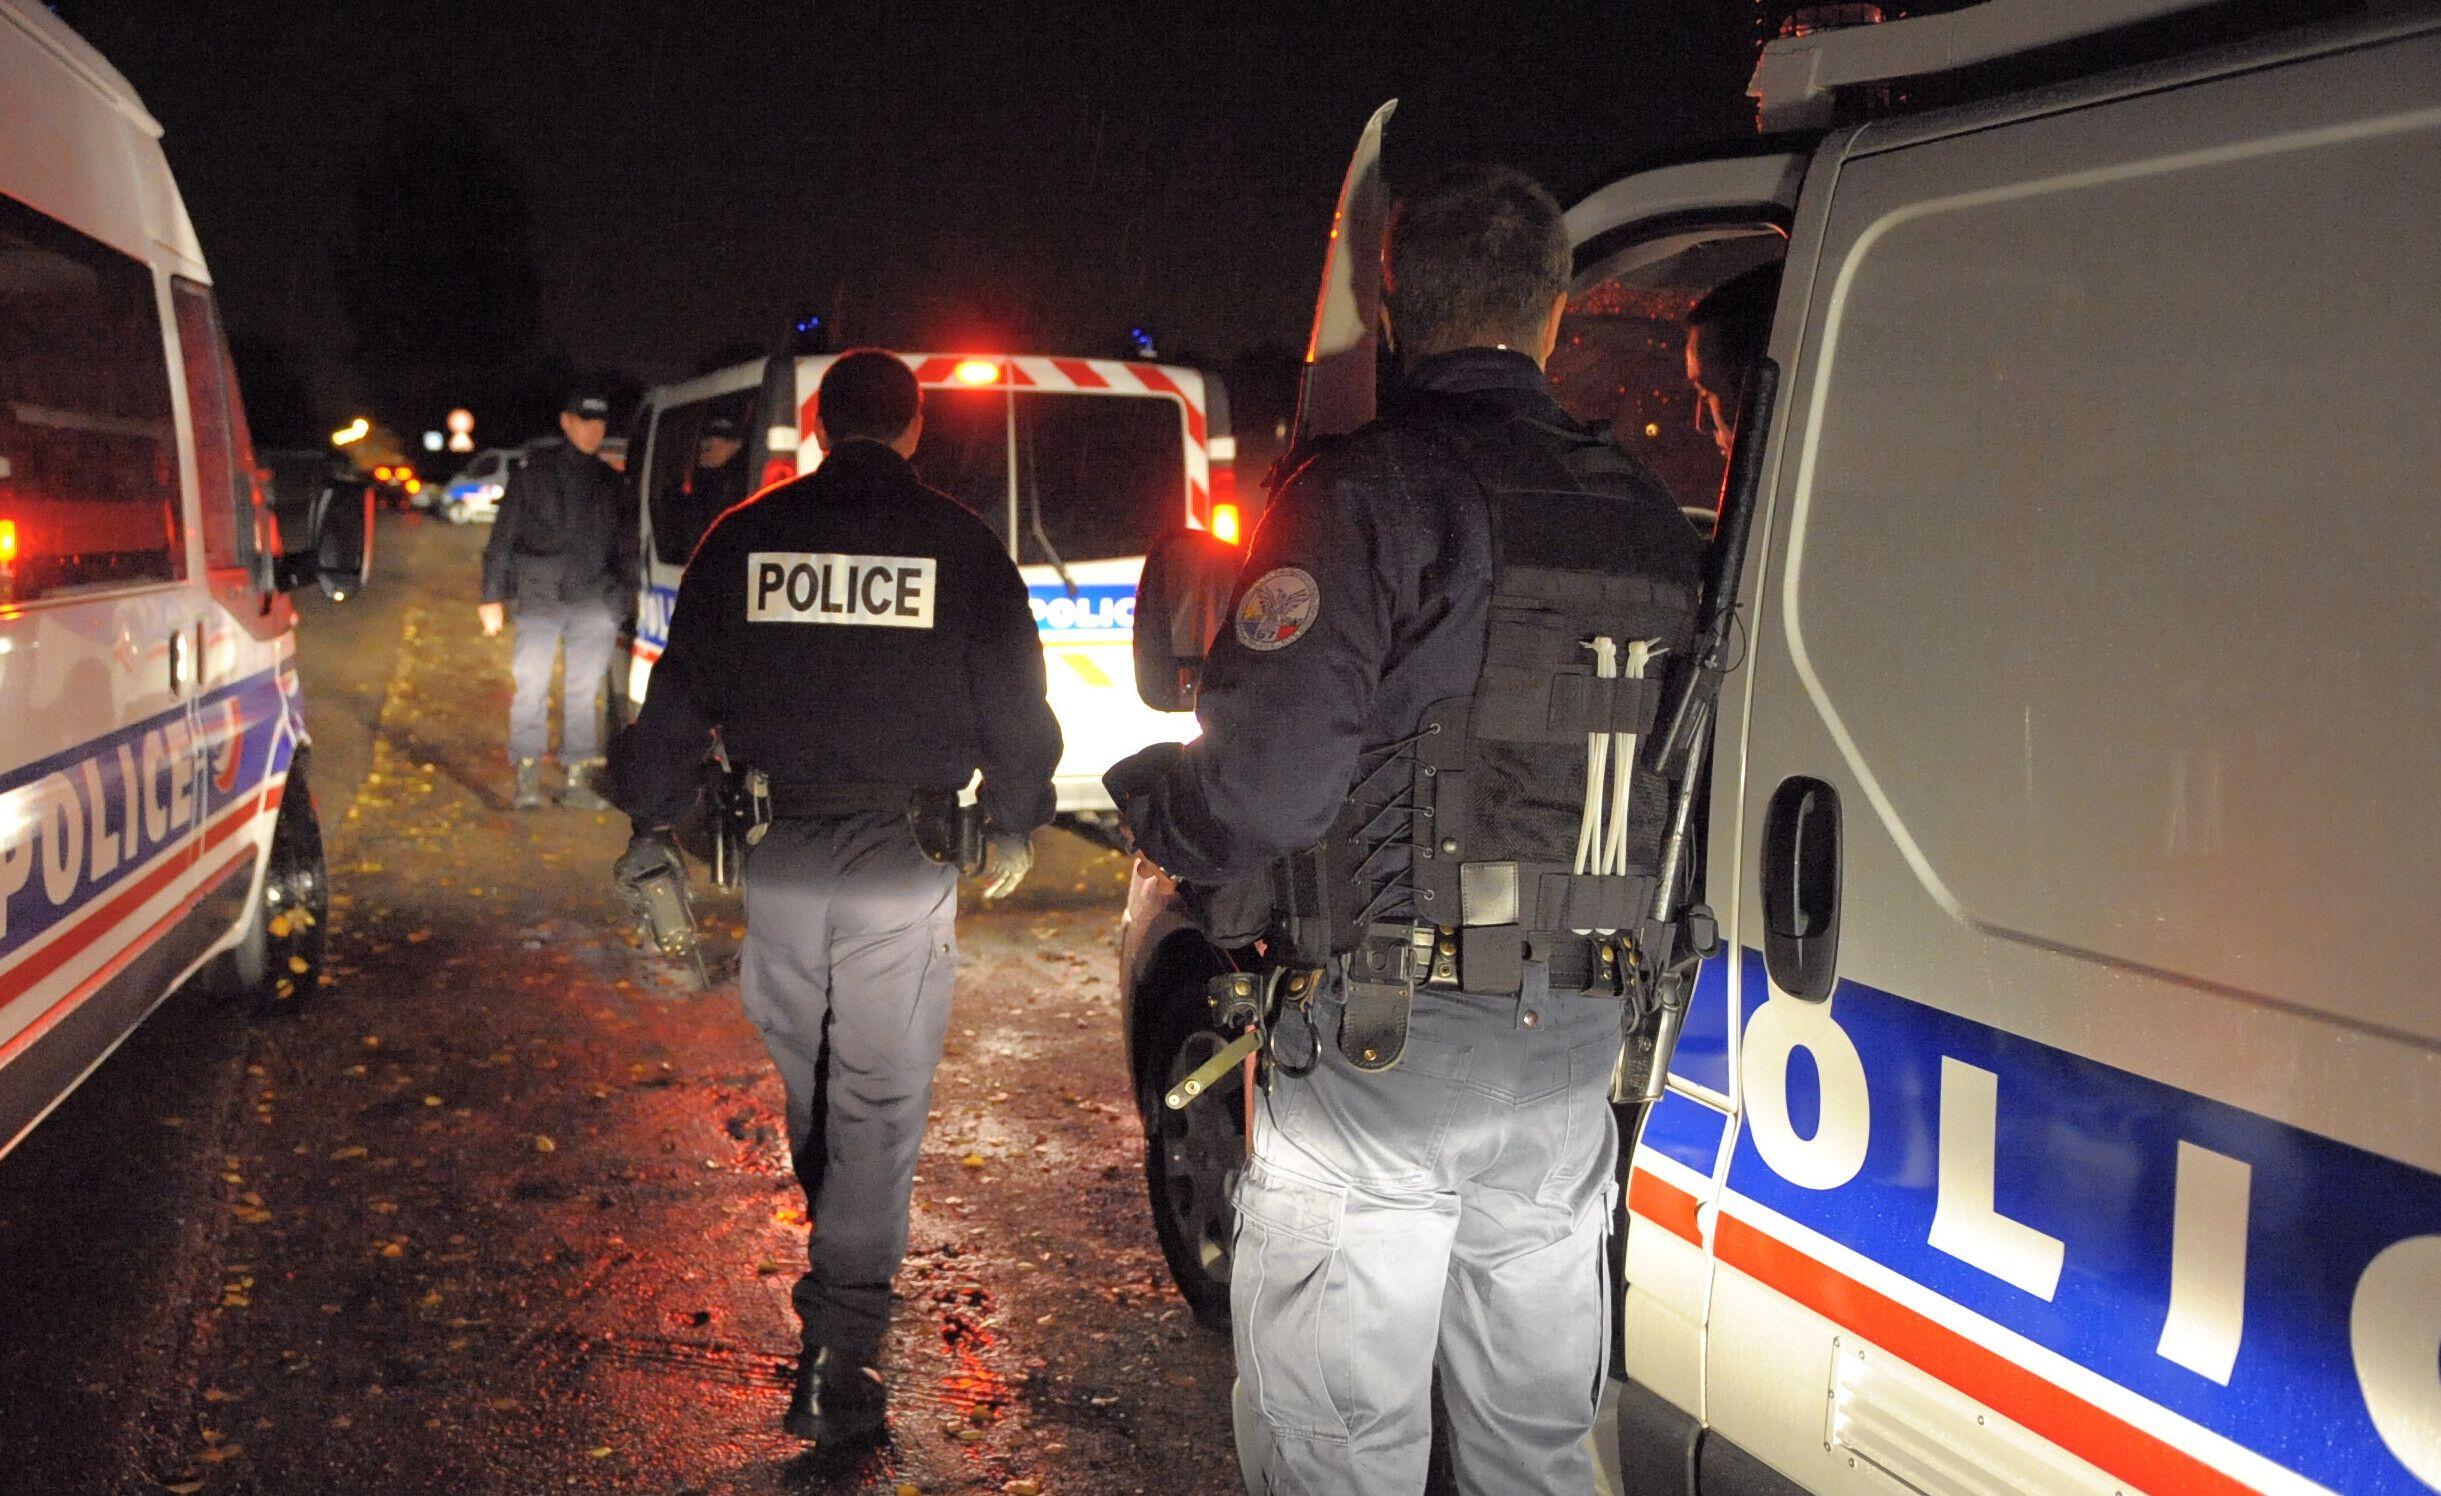 Des policiers la nuit. (Illustration)